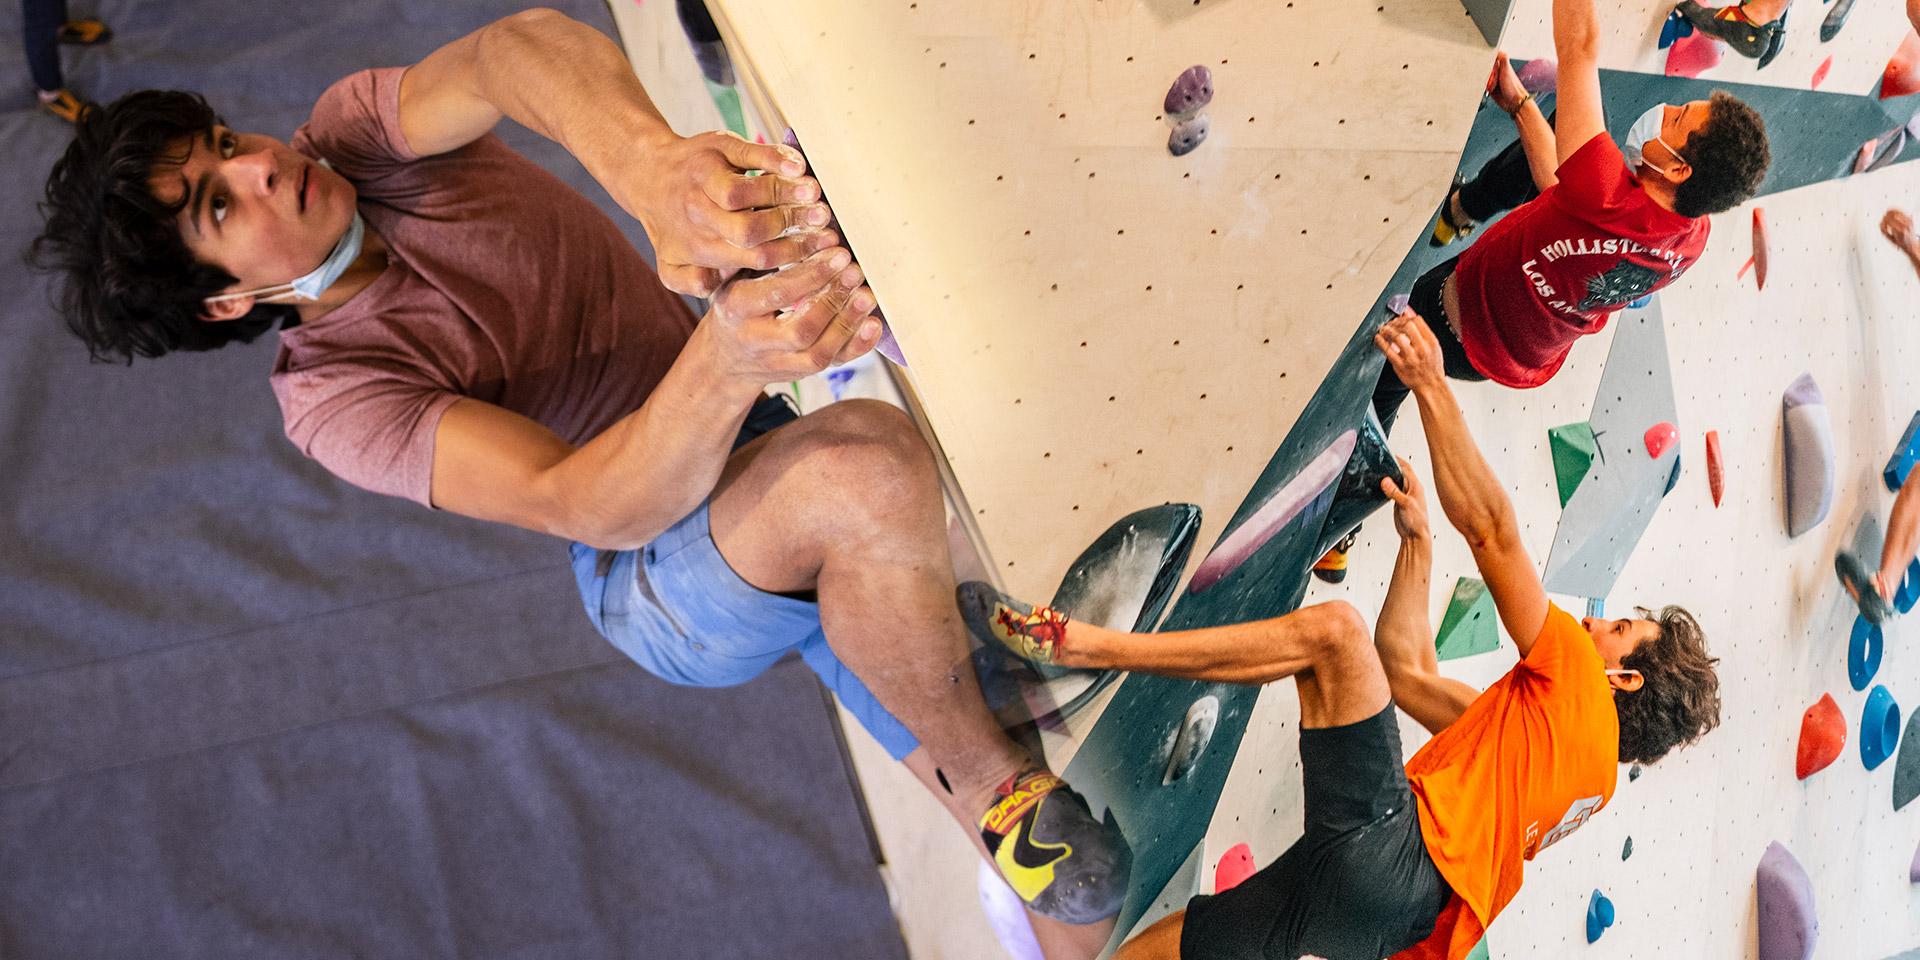 La communauté grimpe et escalade - Climbing District